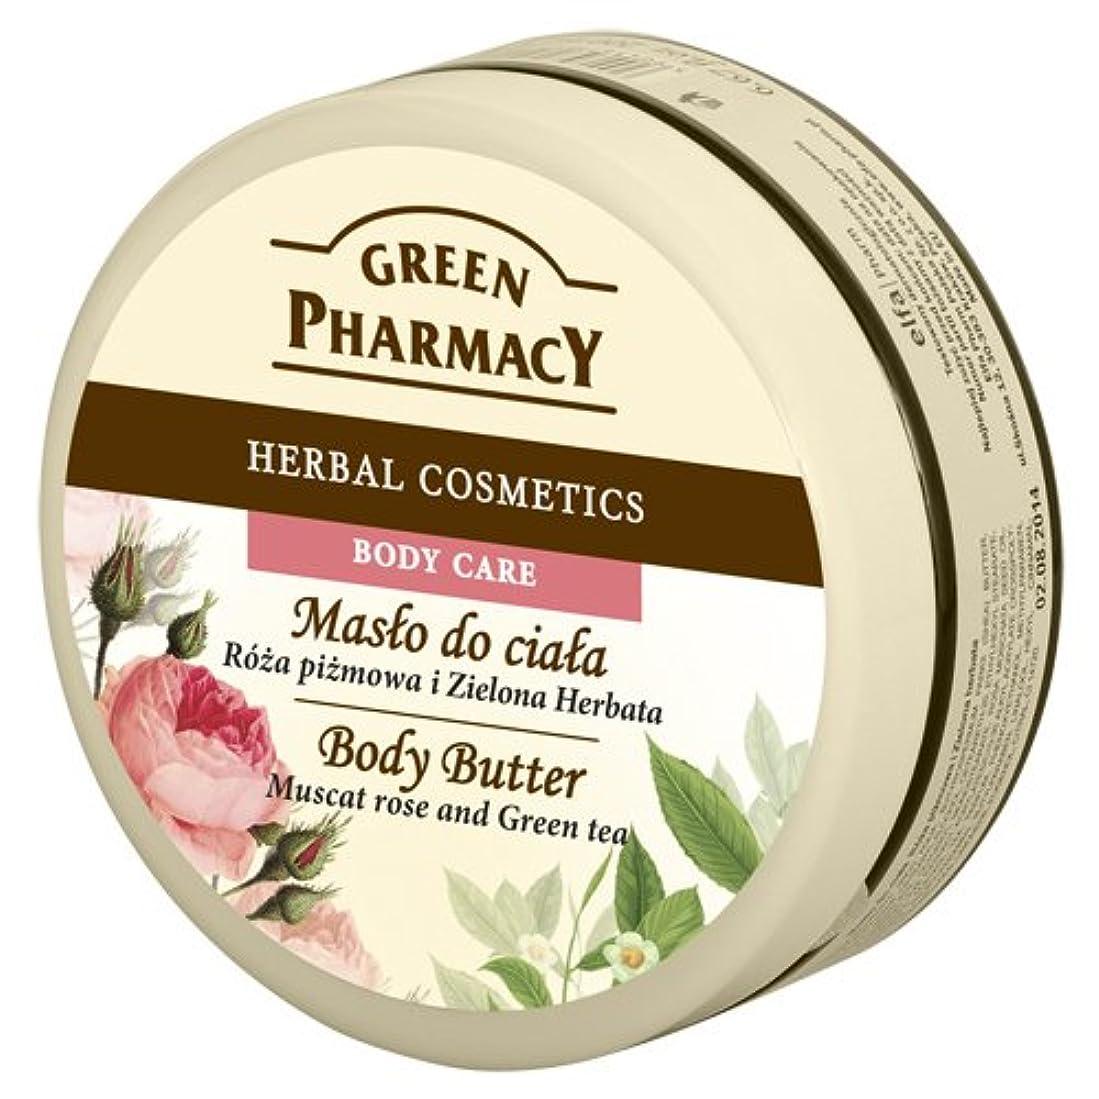 無数の科学者ドラフトElfa Pharm Green Pharmacy グリーンファーマシー Body Butter ボディバター Muscat Rose and Green Tea